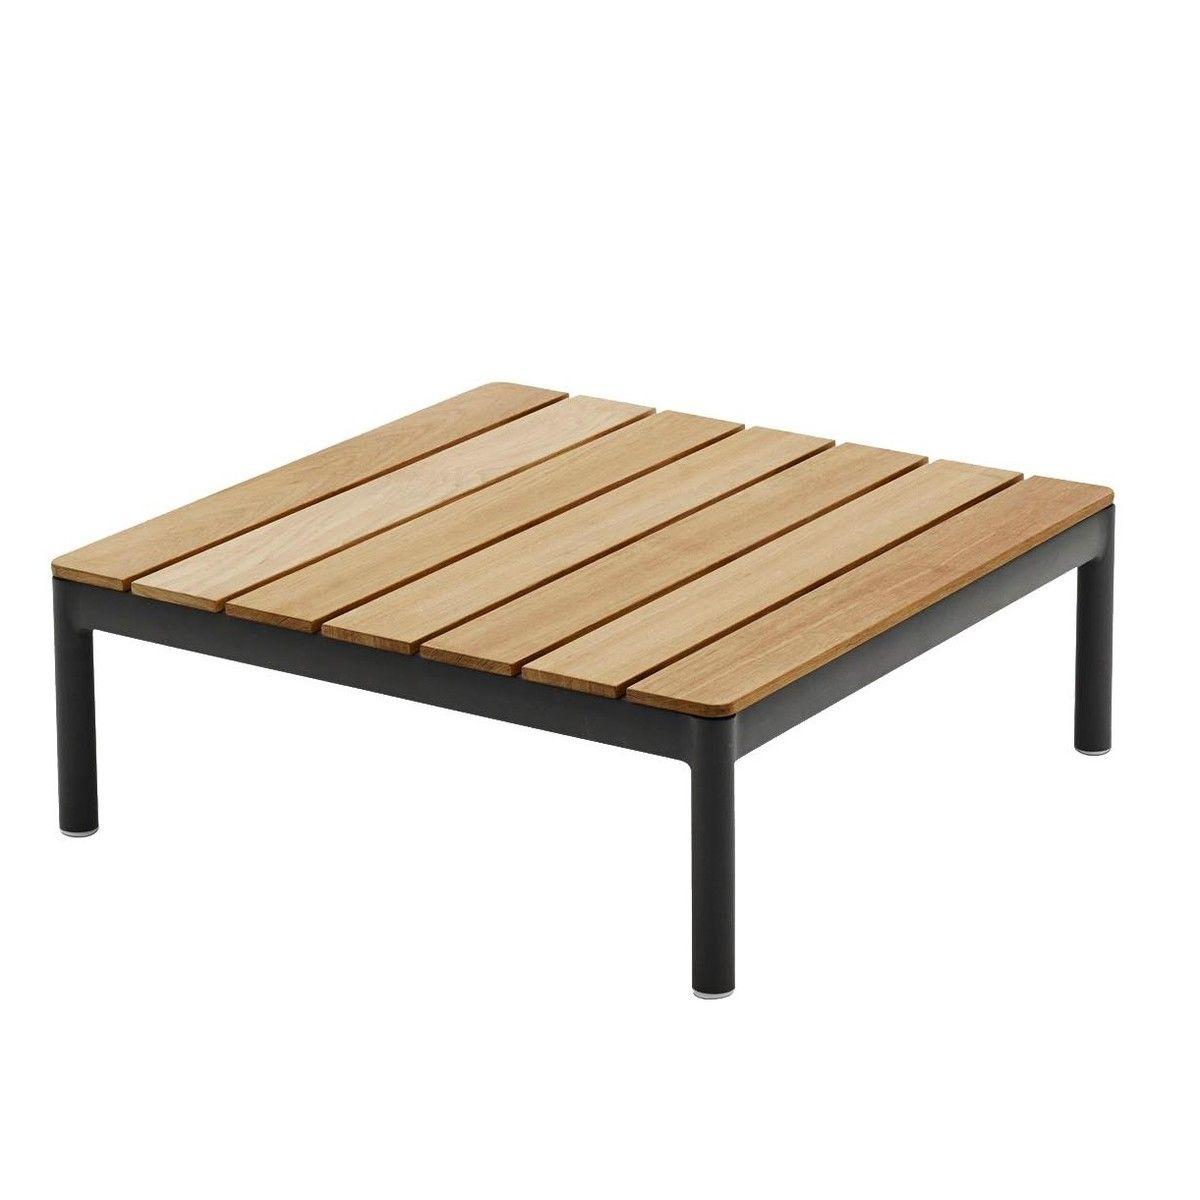 Faszinierend Loungetisch Dekoration Von Skagerak - Tradition Lounge Tisch - Teak/75x75x27cm